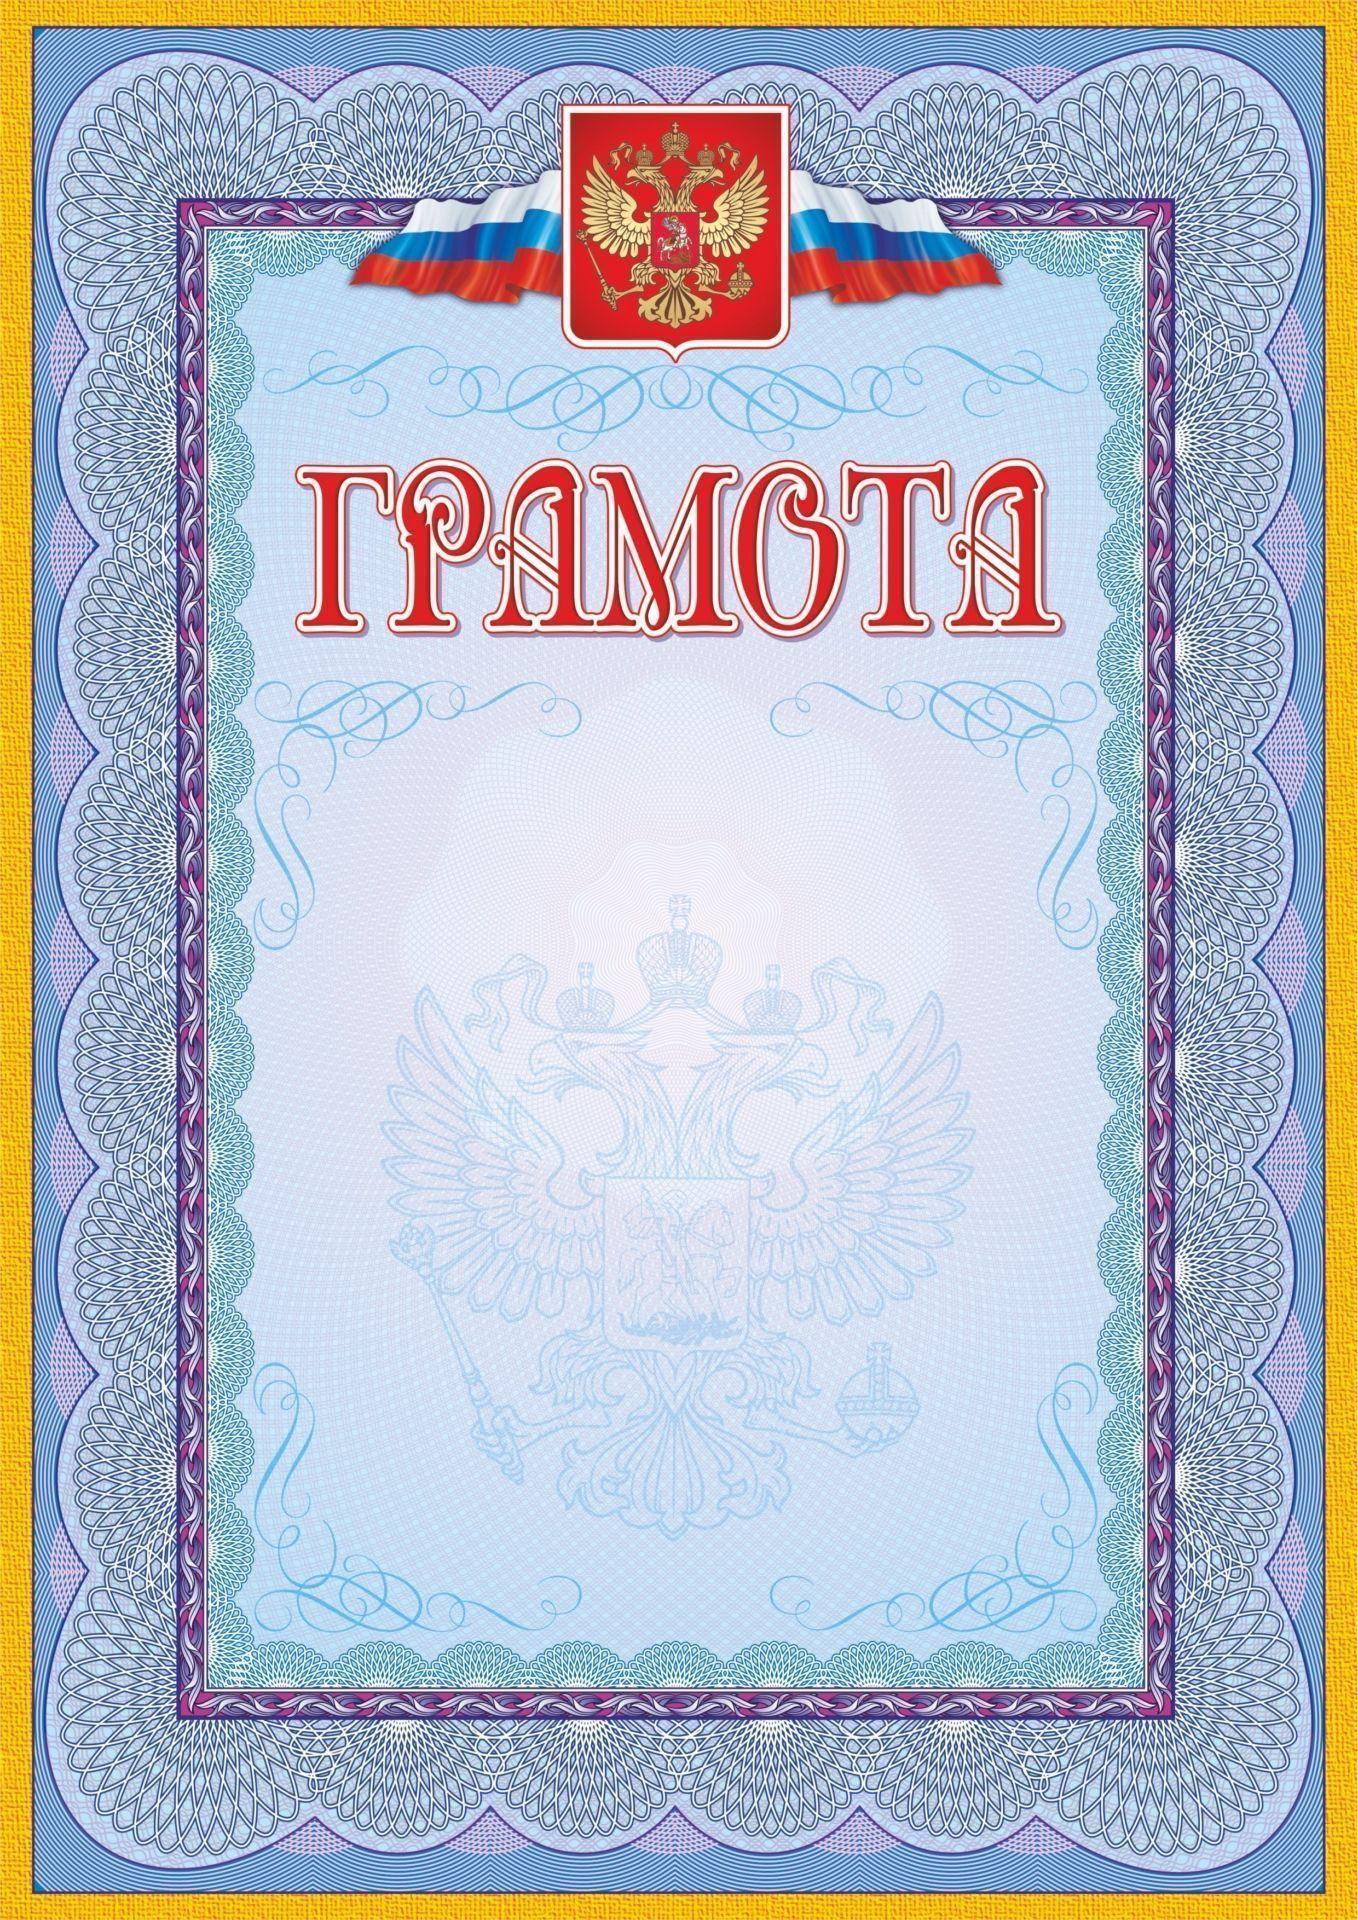 Купить со скидкой Грамота (с гербом и флагом, рамка голубая): (упаковка 200 шт.)